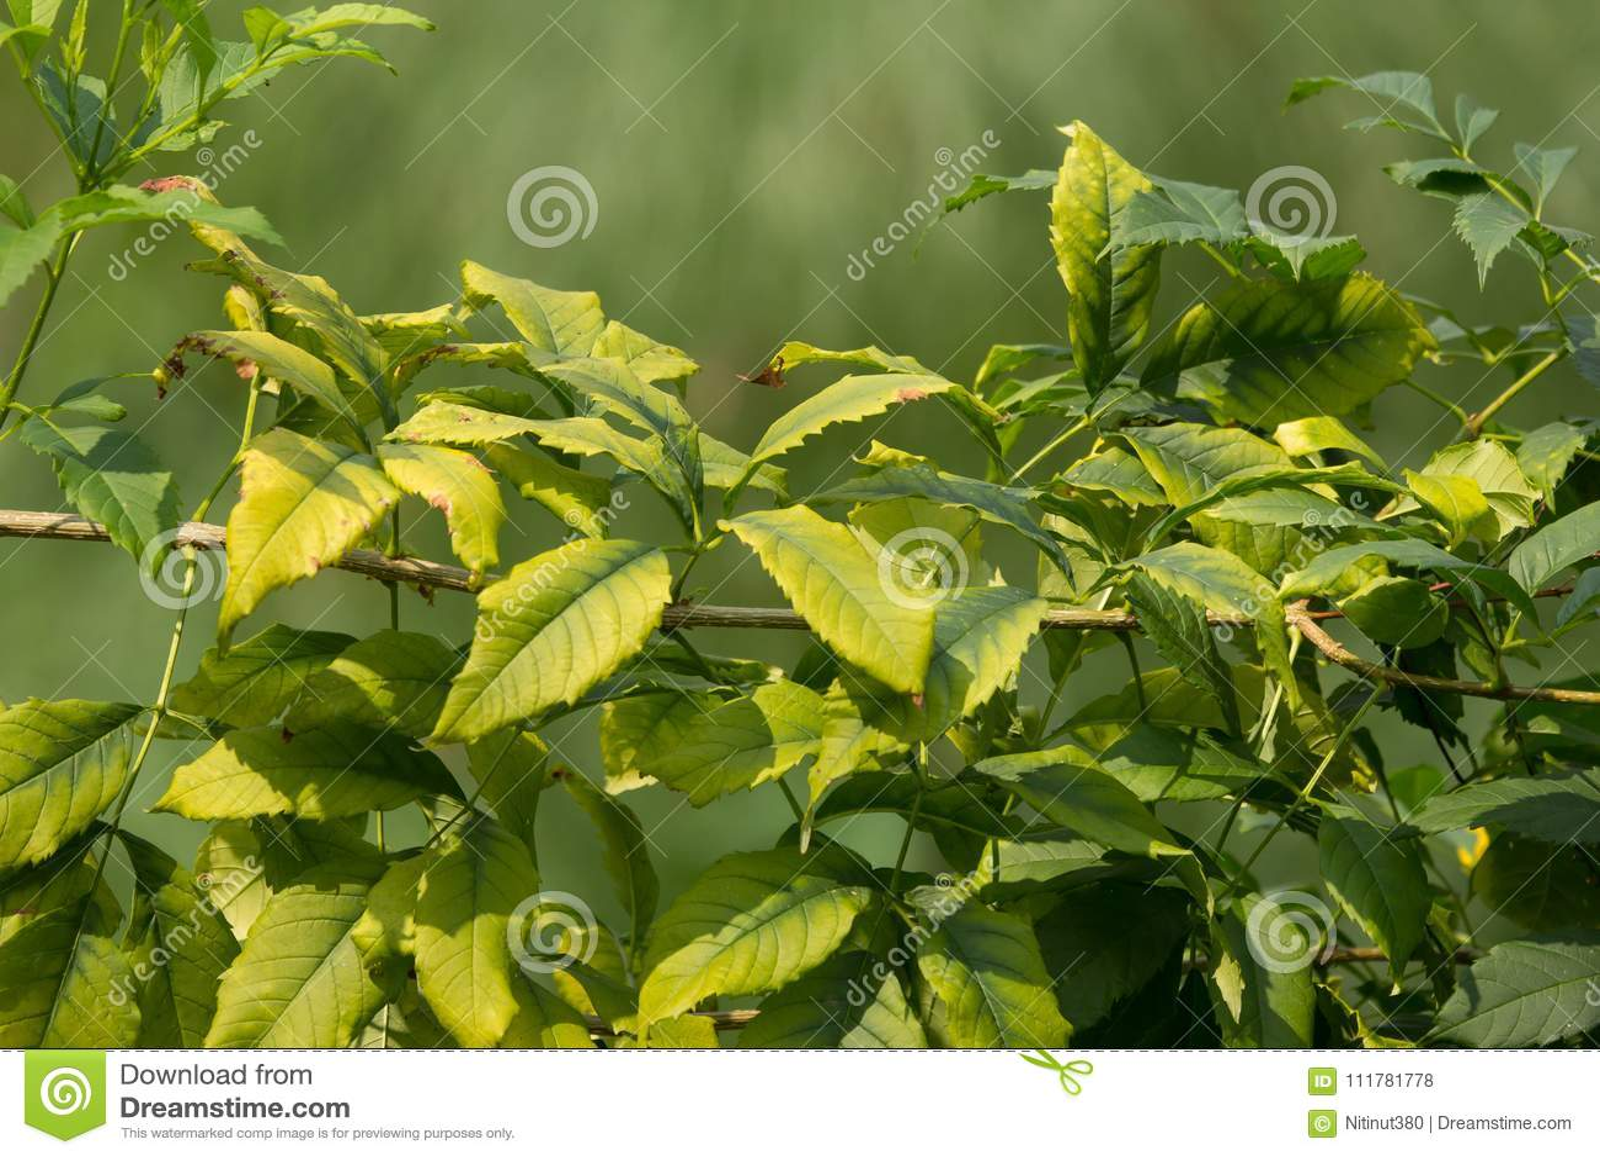 Ciérrese para arriba de la hoja verde de la flor amarilla de la anciano